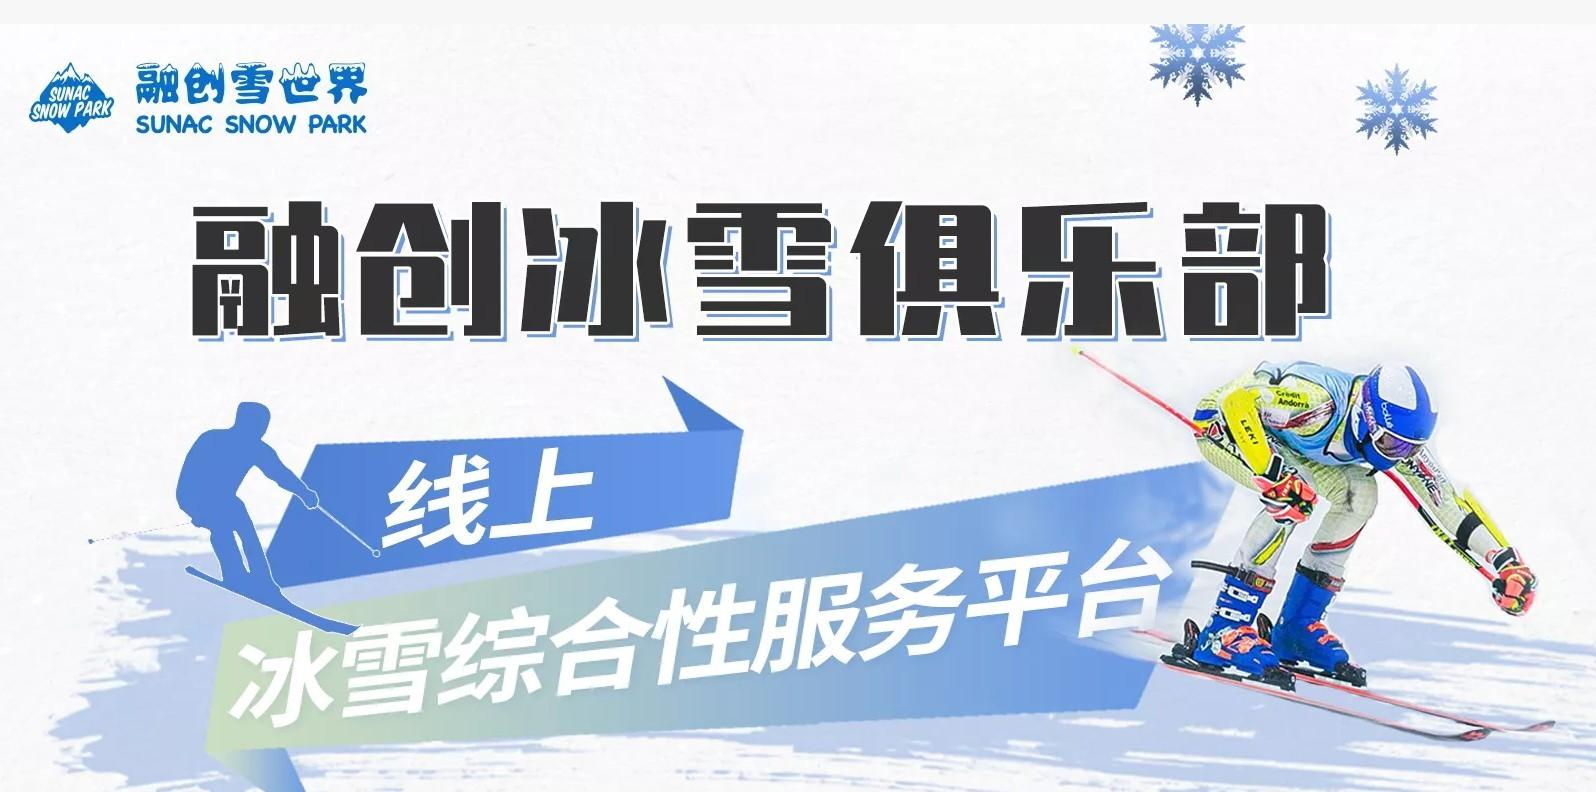 国内首个线上冰雪综合性服务平台!融创冰雪俱乐部小程序正式上线